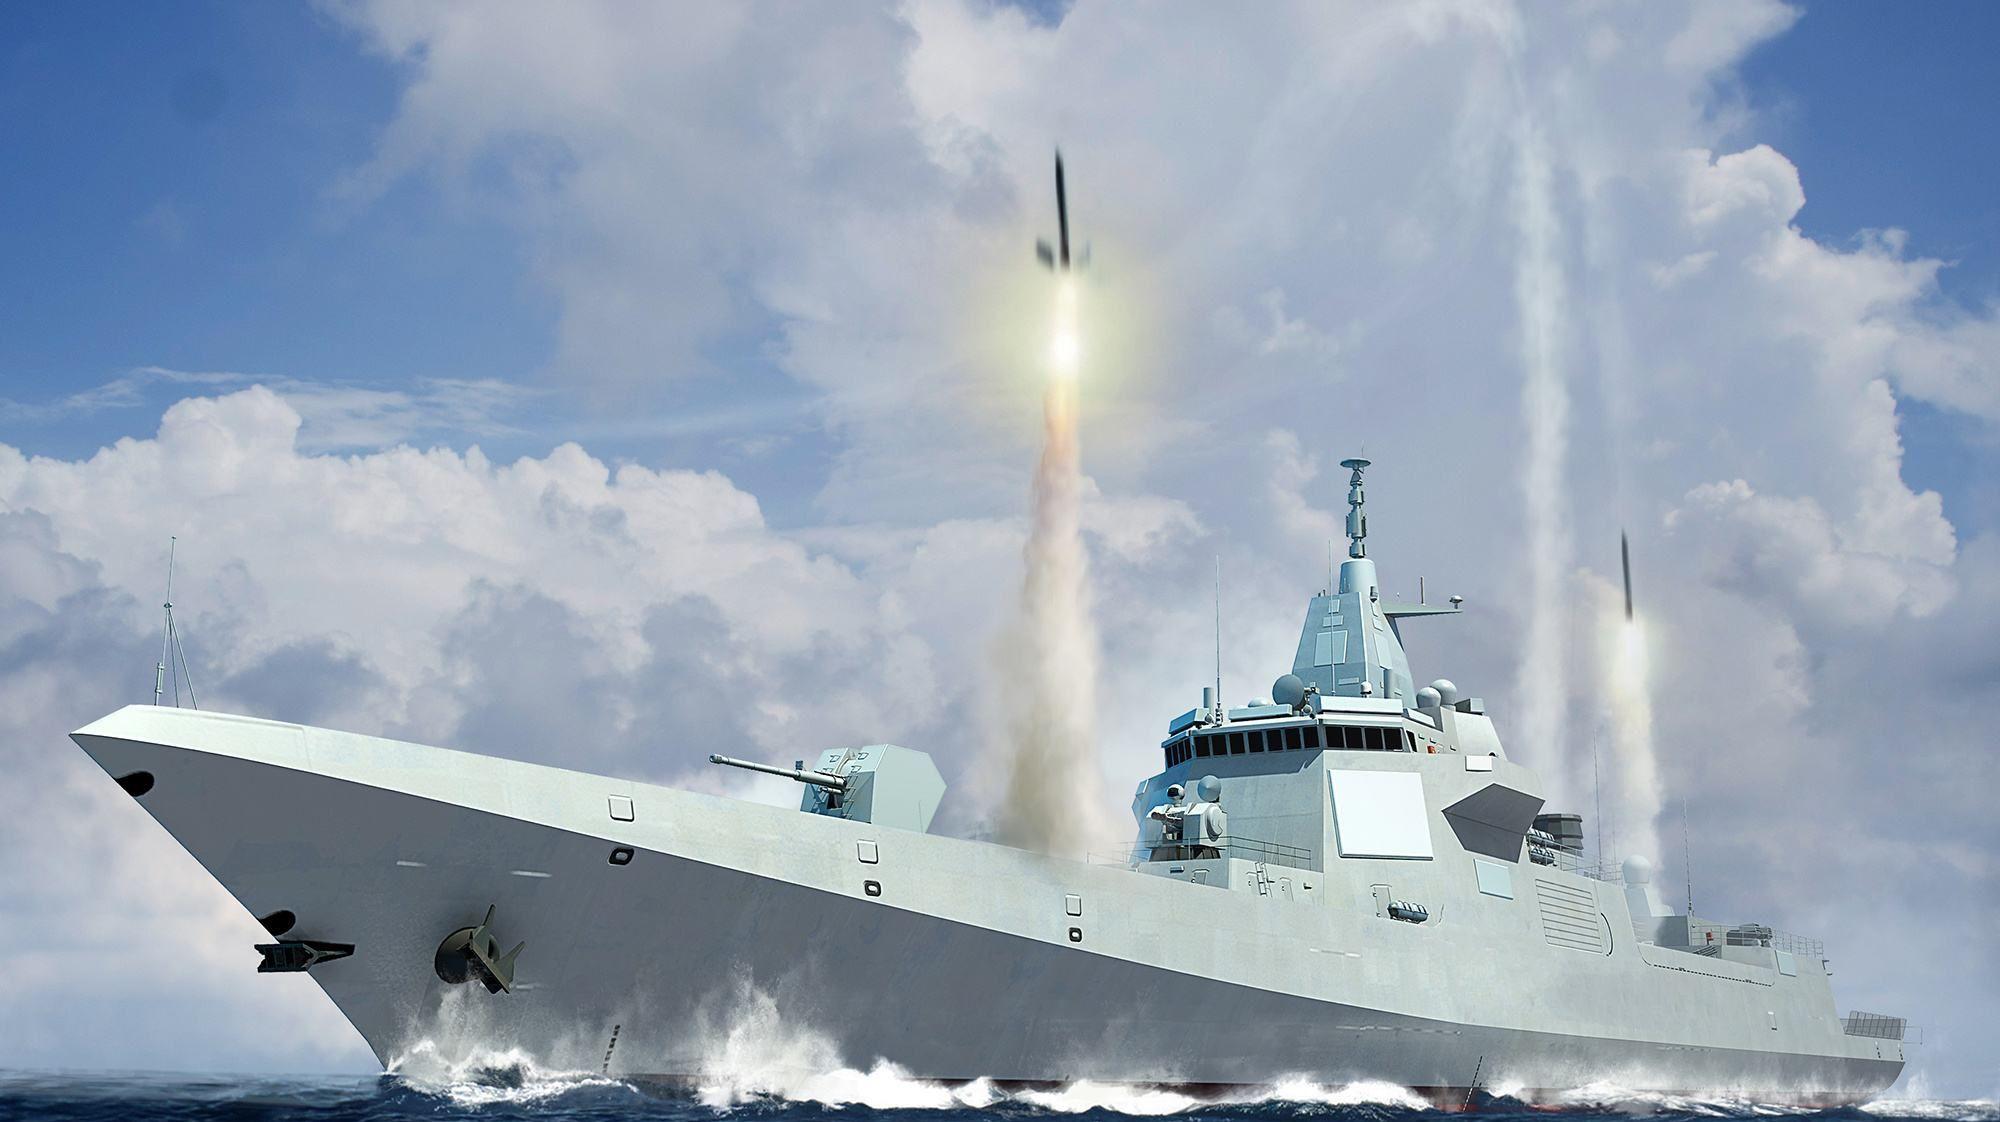 我国前三艘航母近在咫尺,055最引人注目,西方人:世界最强军舰